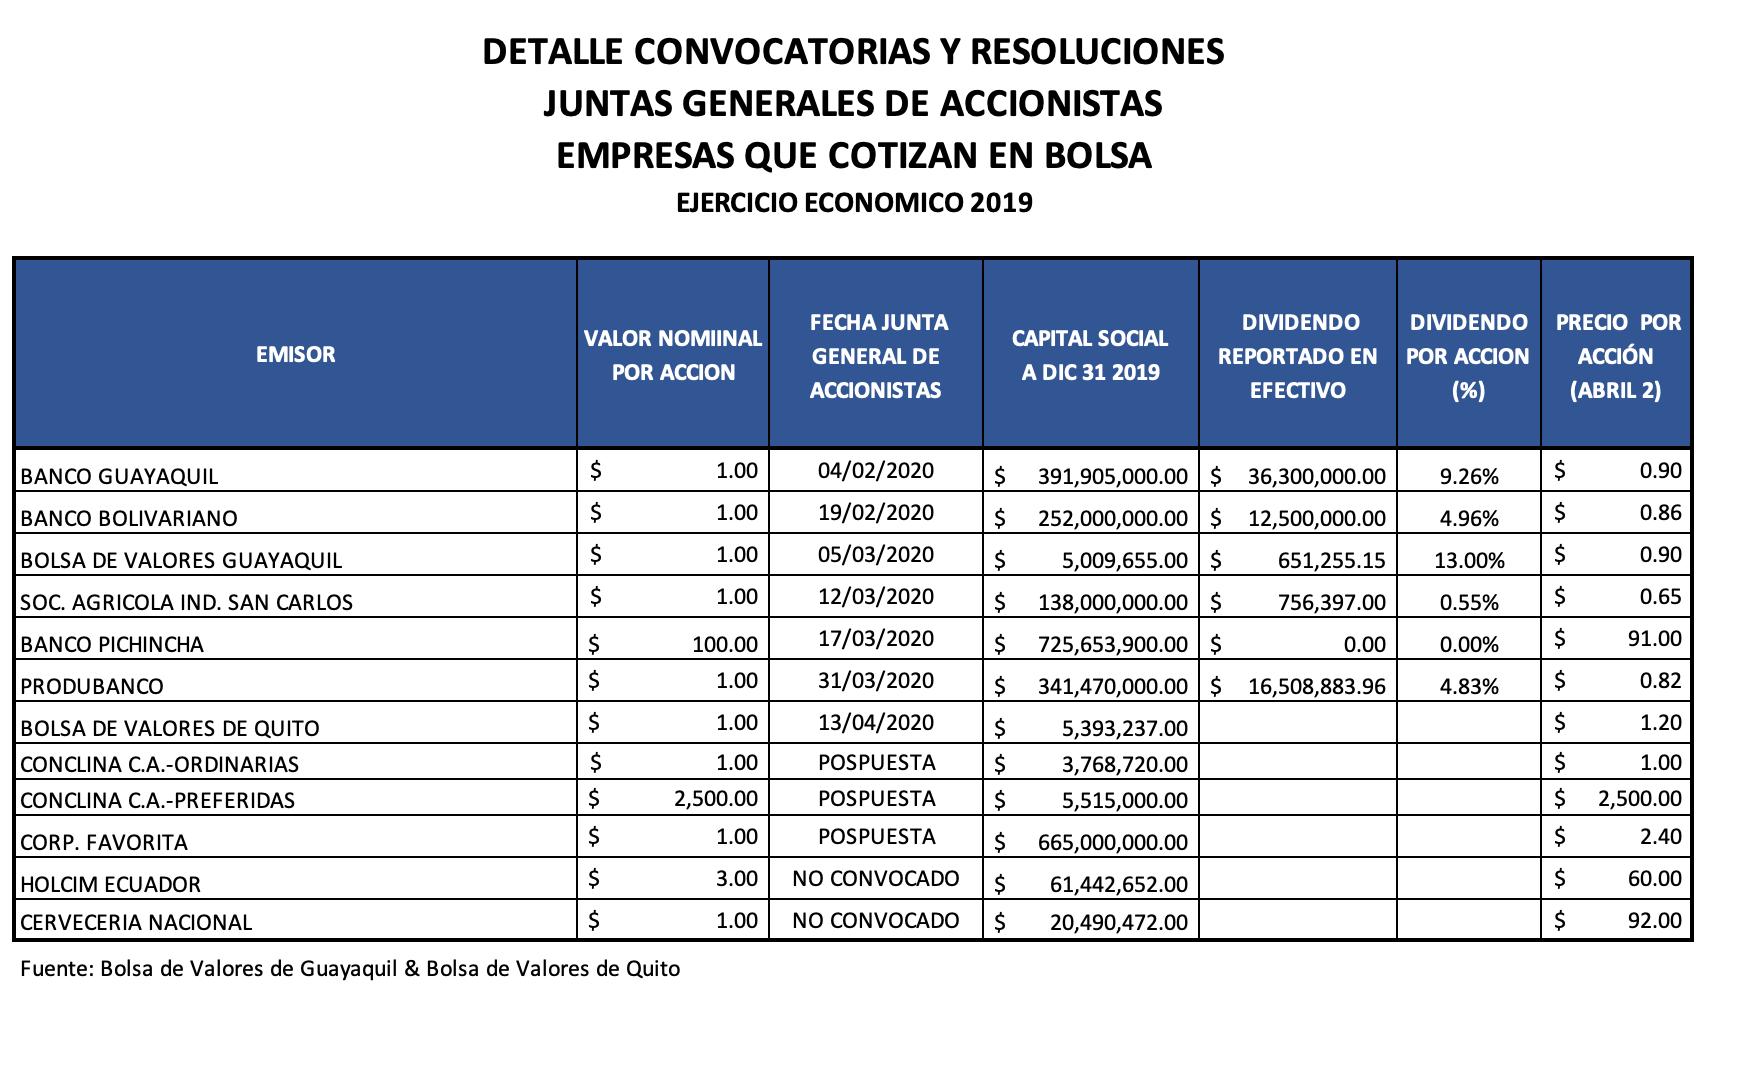 Acciones Bolsa de Valores de Quito & Bolsa de Valores de Guayquil